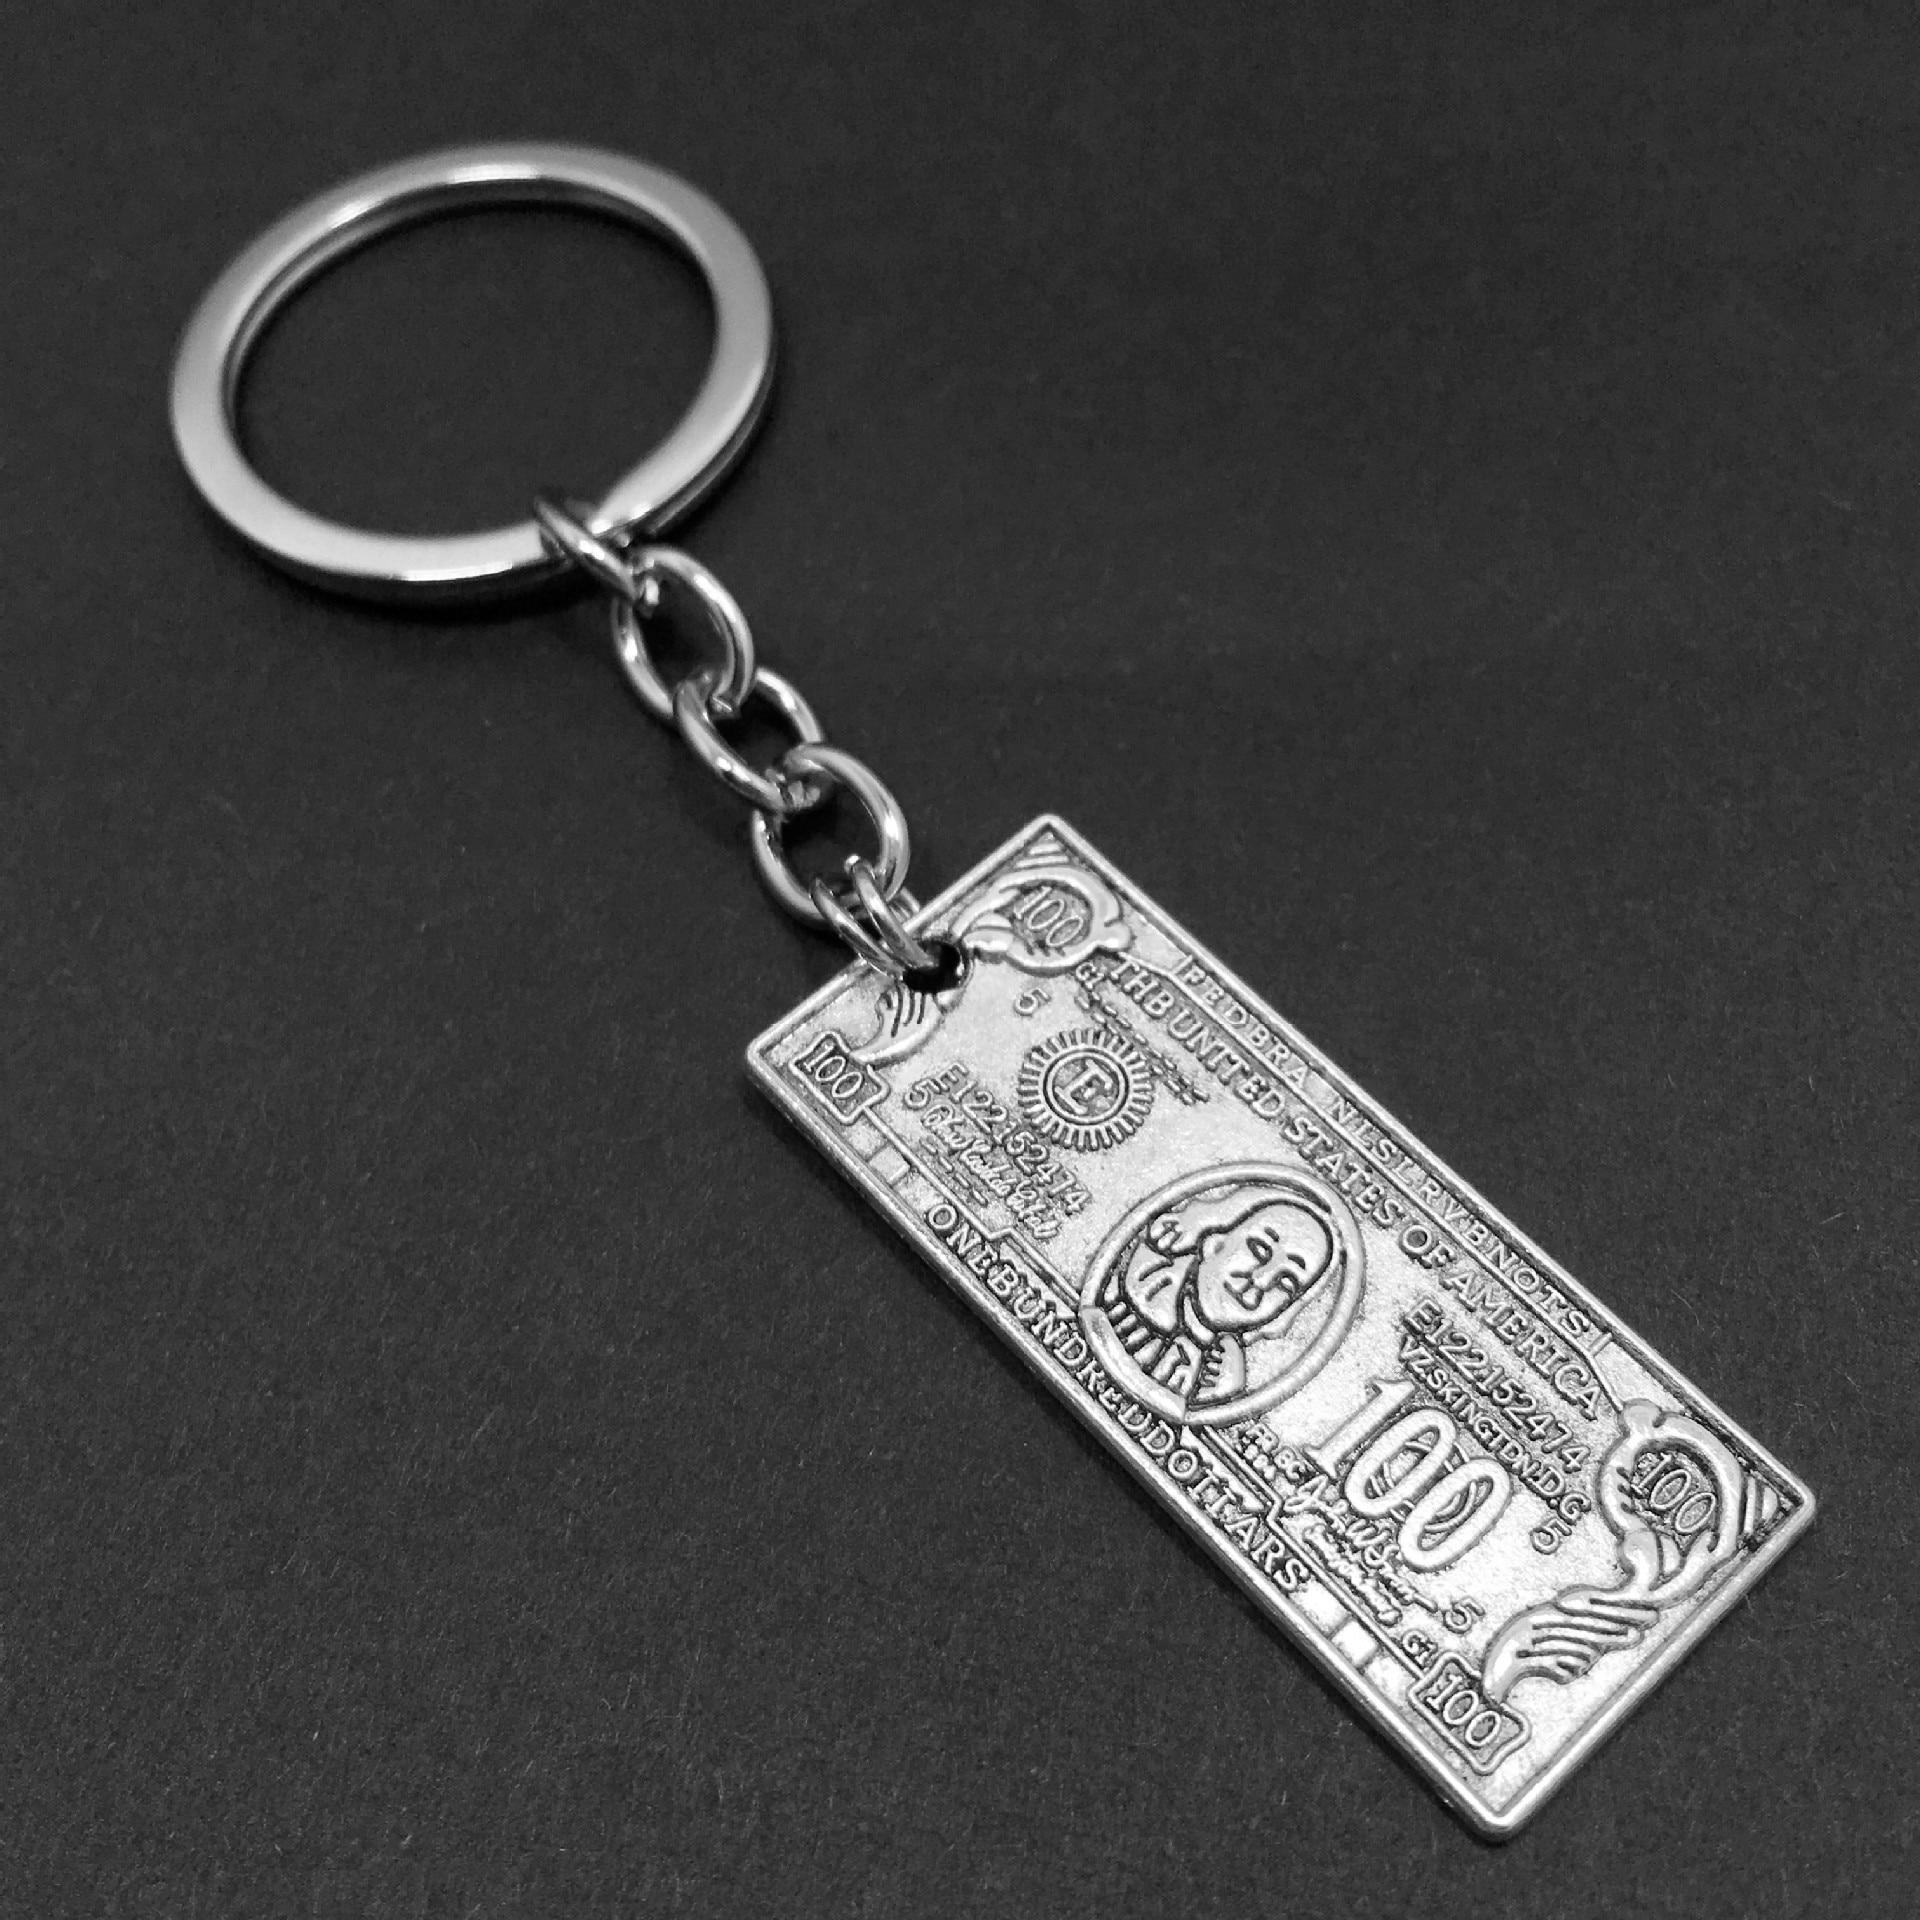 Креативный дизайн денег, автомобильный брелок, забавный брелок в форме доллара, восторг, сувенир, подарок для таможни